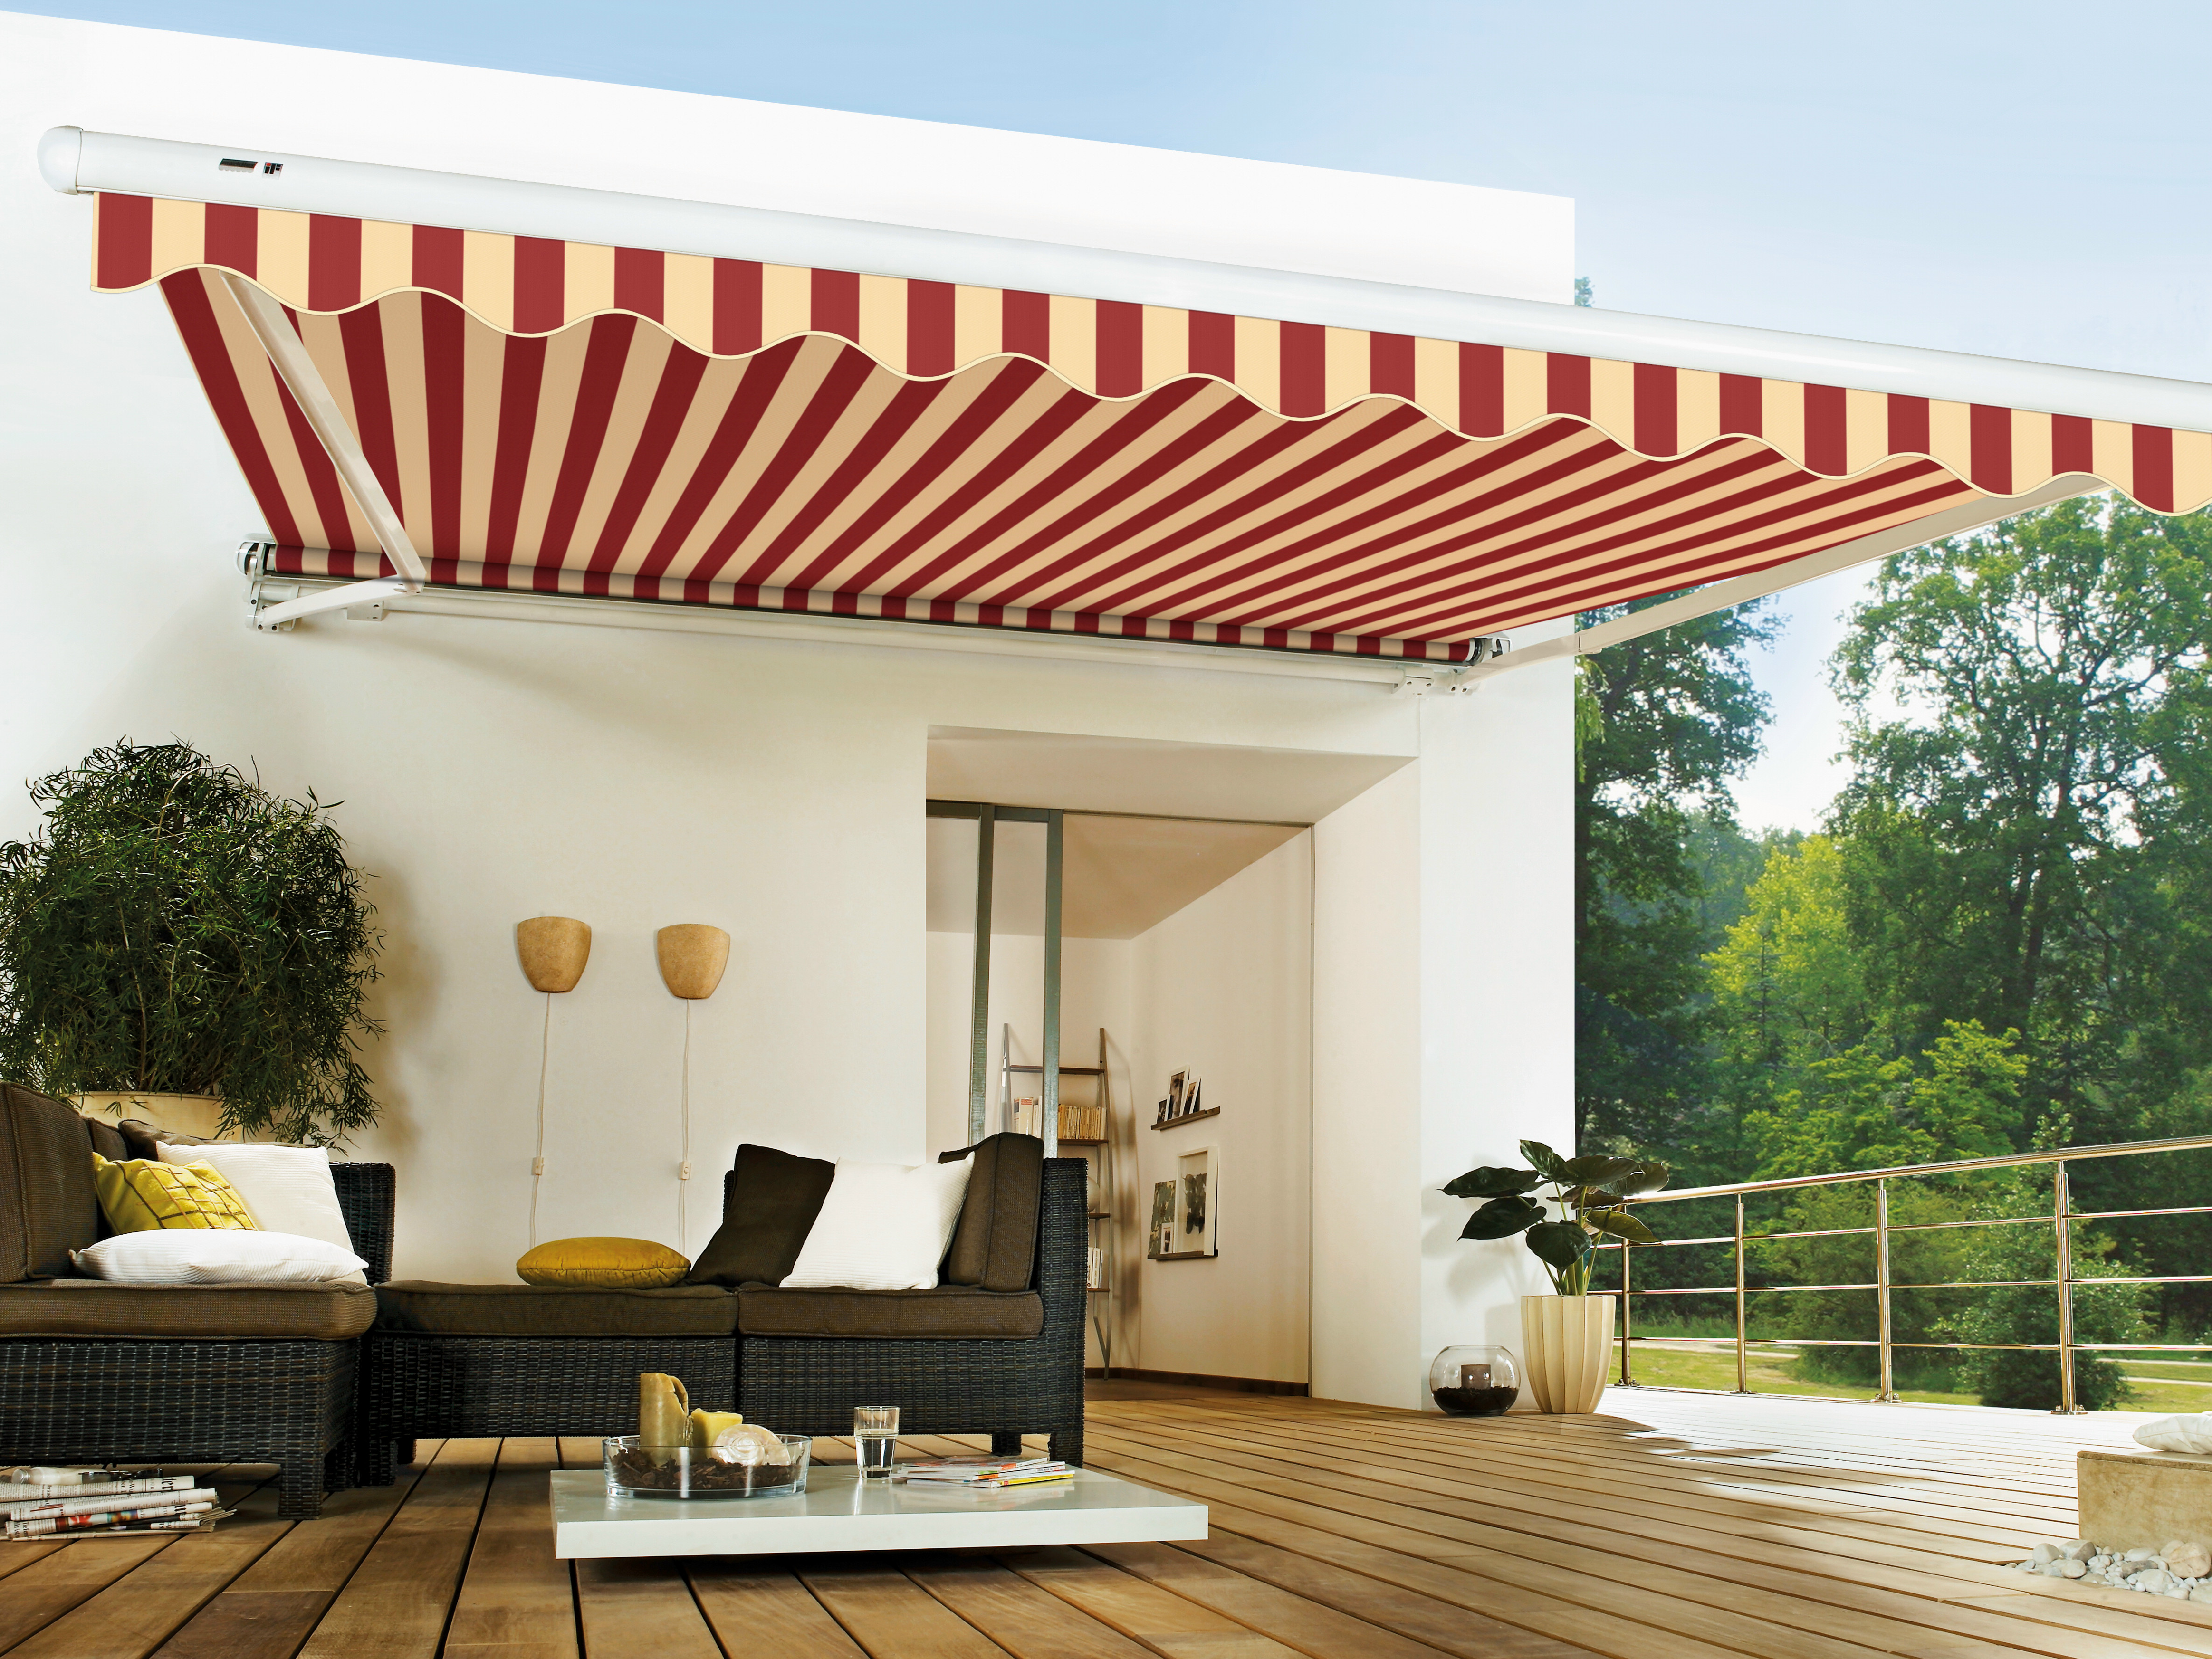 Tende da sole una protezione dai raggi solari per te e la - Tende da sole per giardino ...